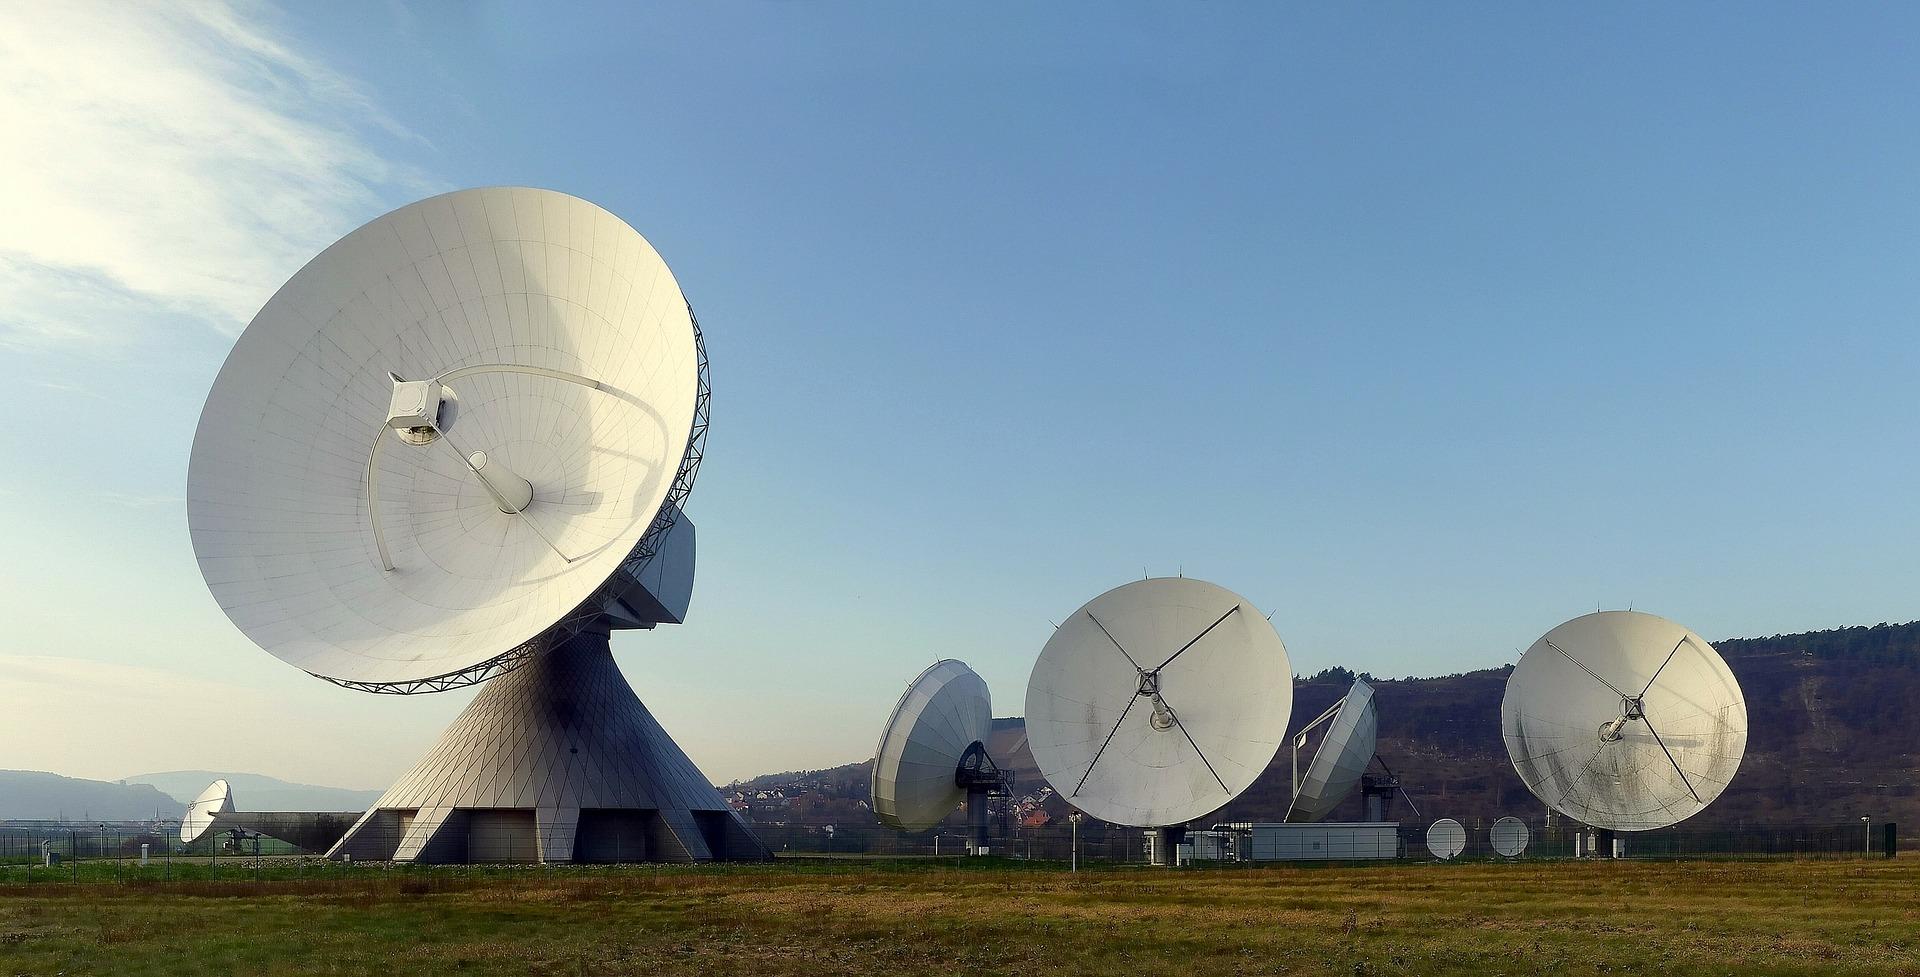 radar-dish-63013_1920